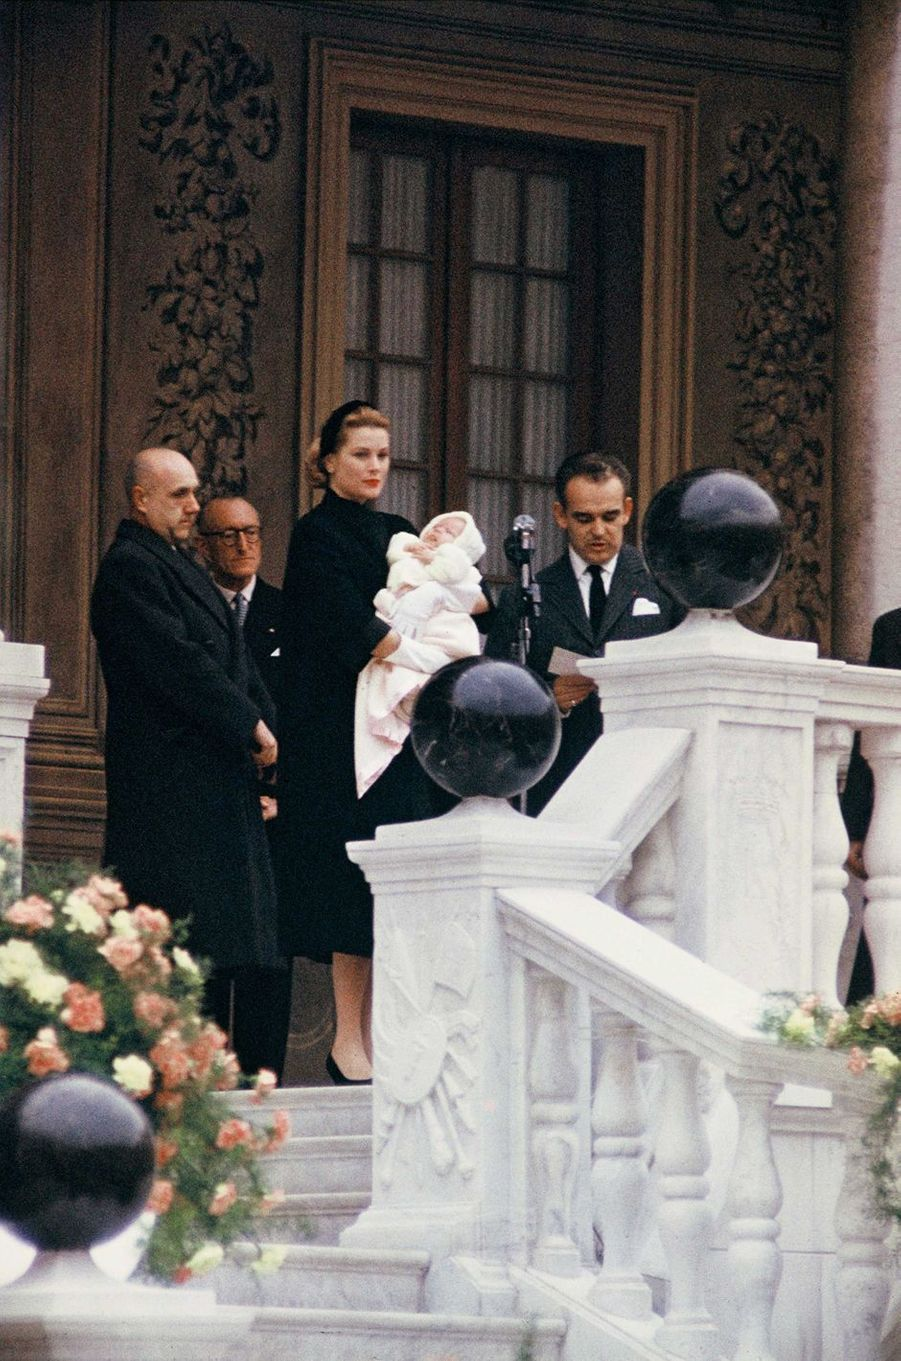 La princesse Caroline de Monaco avec ses parents le prince Ranier III et la princesse Grace, en mars 1957